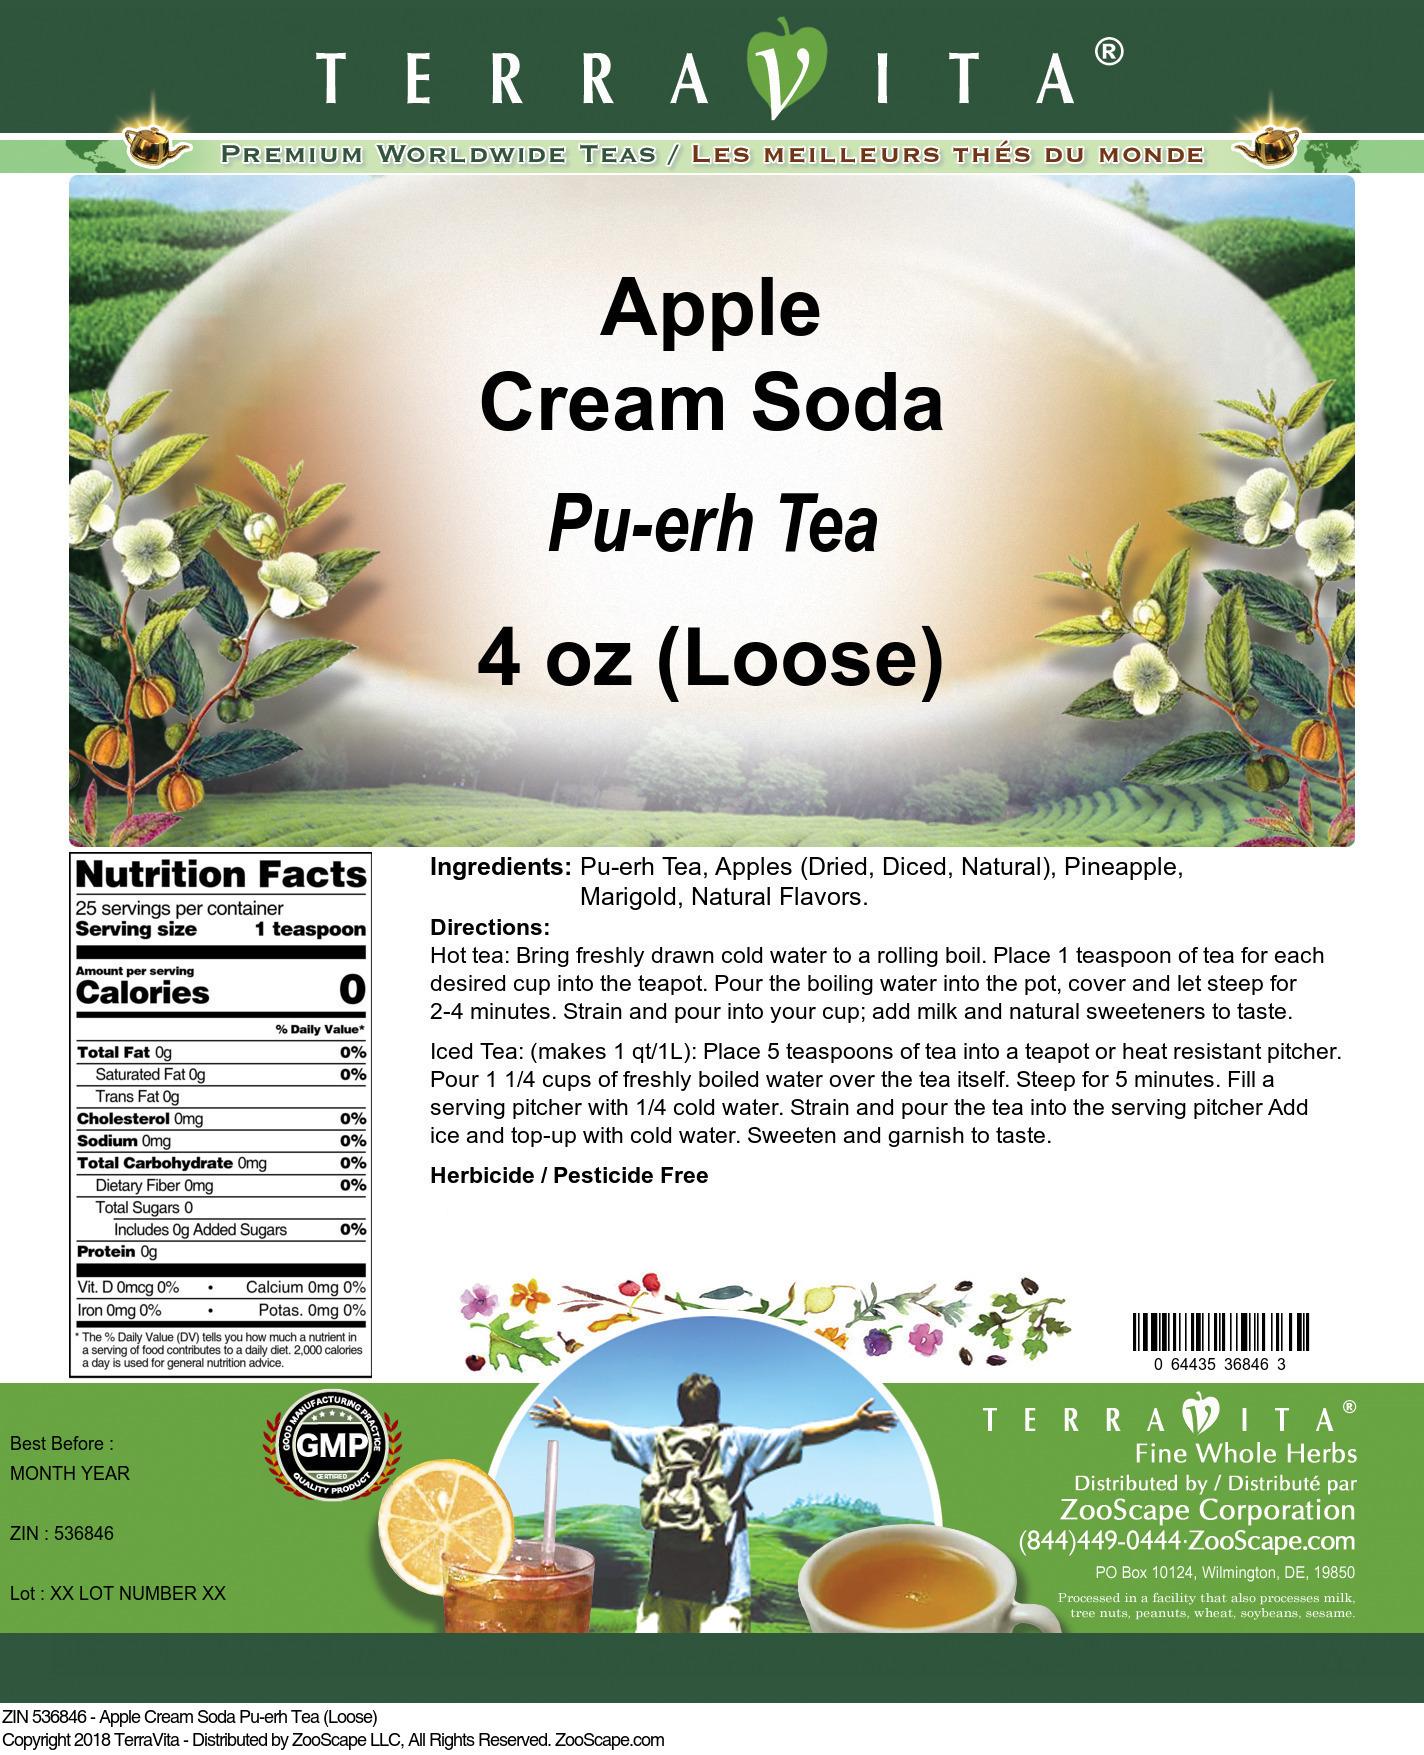 Apple Cream Soda Pu-erh Tea (Loose)